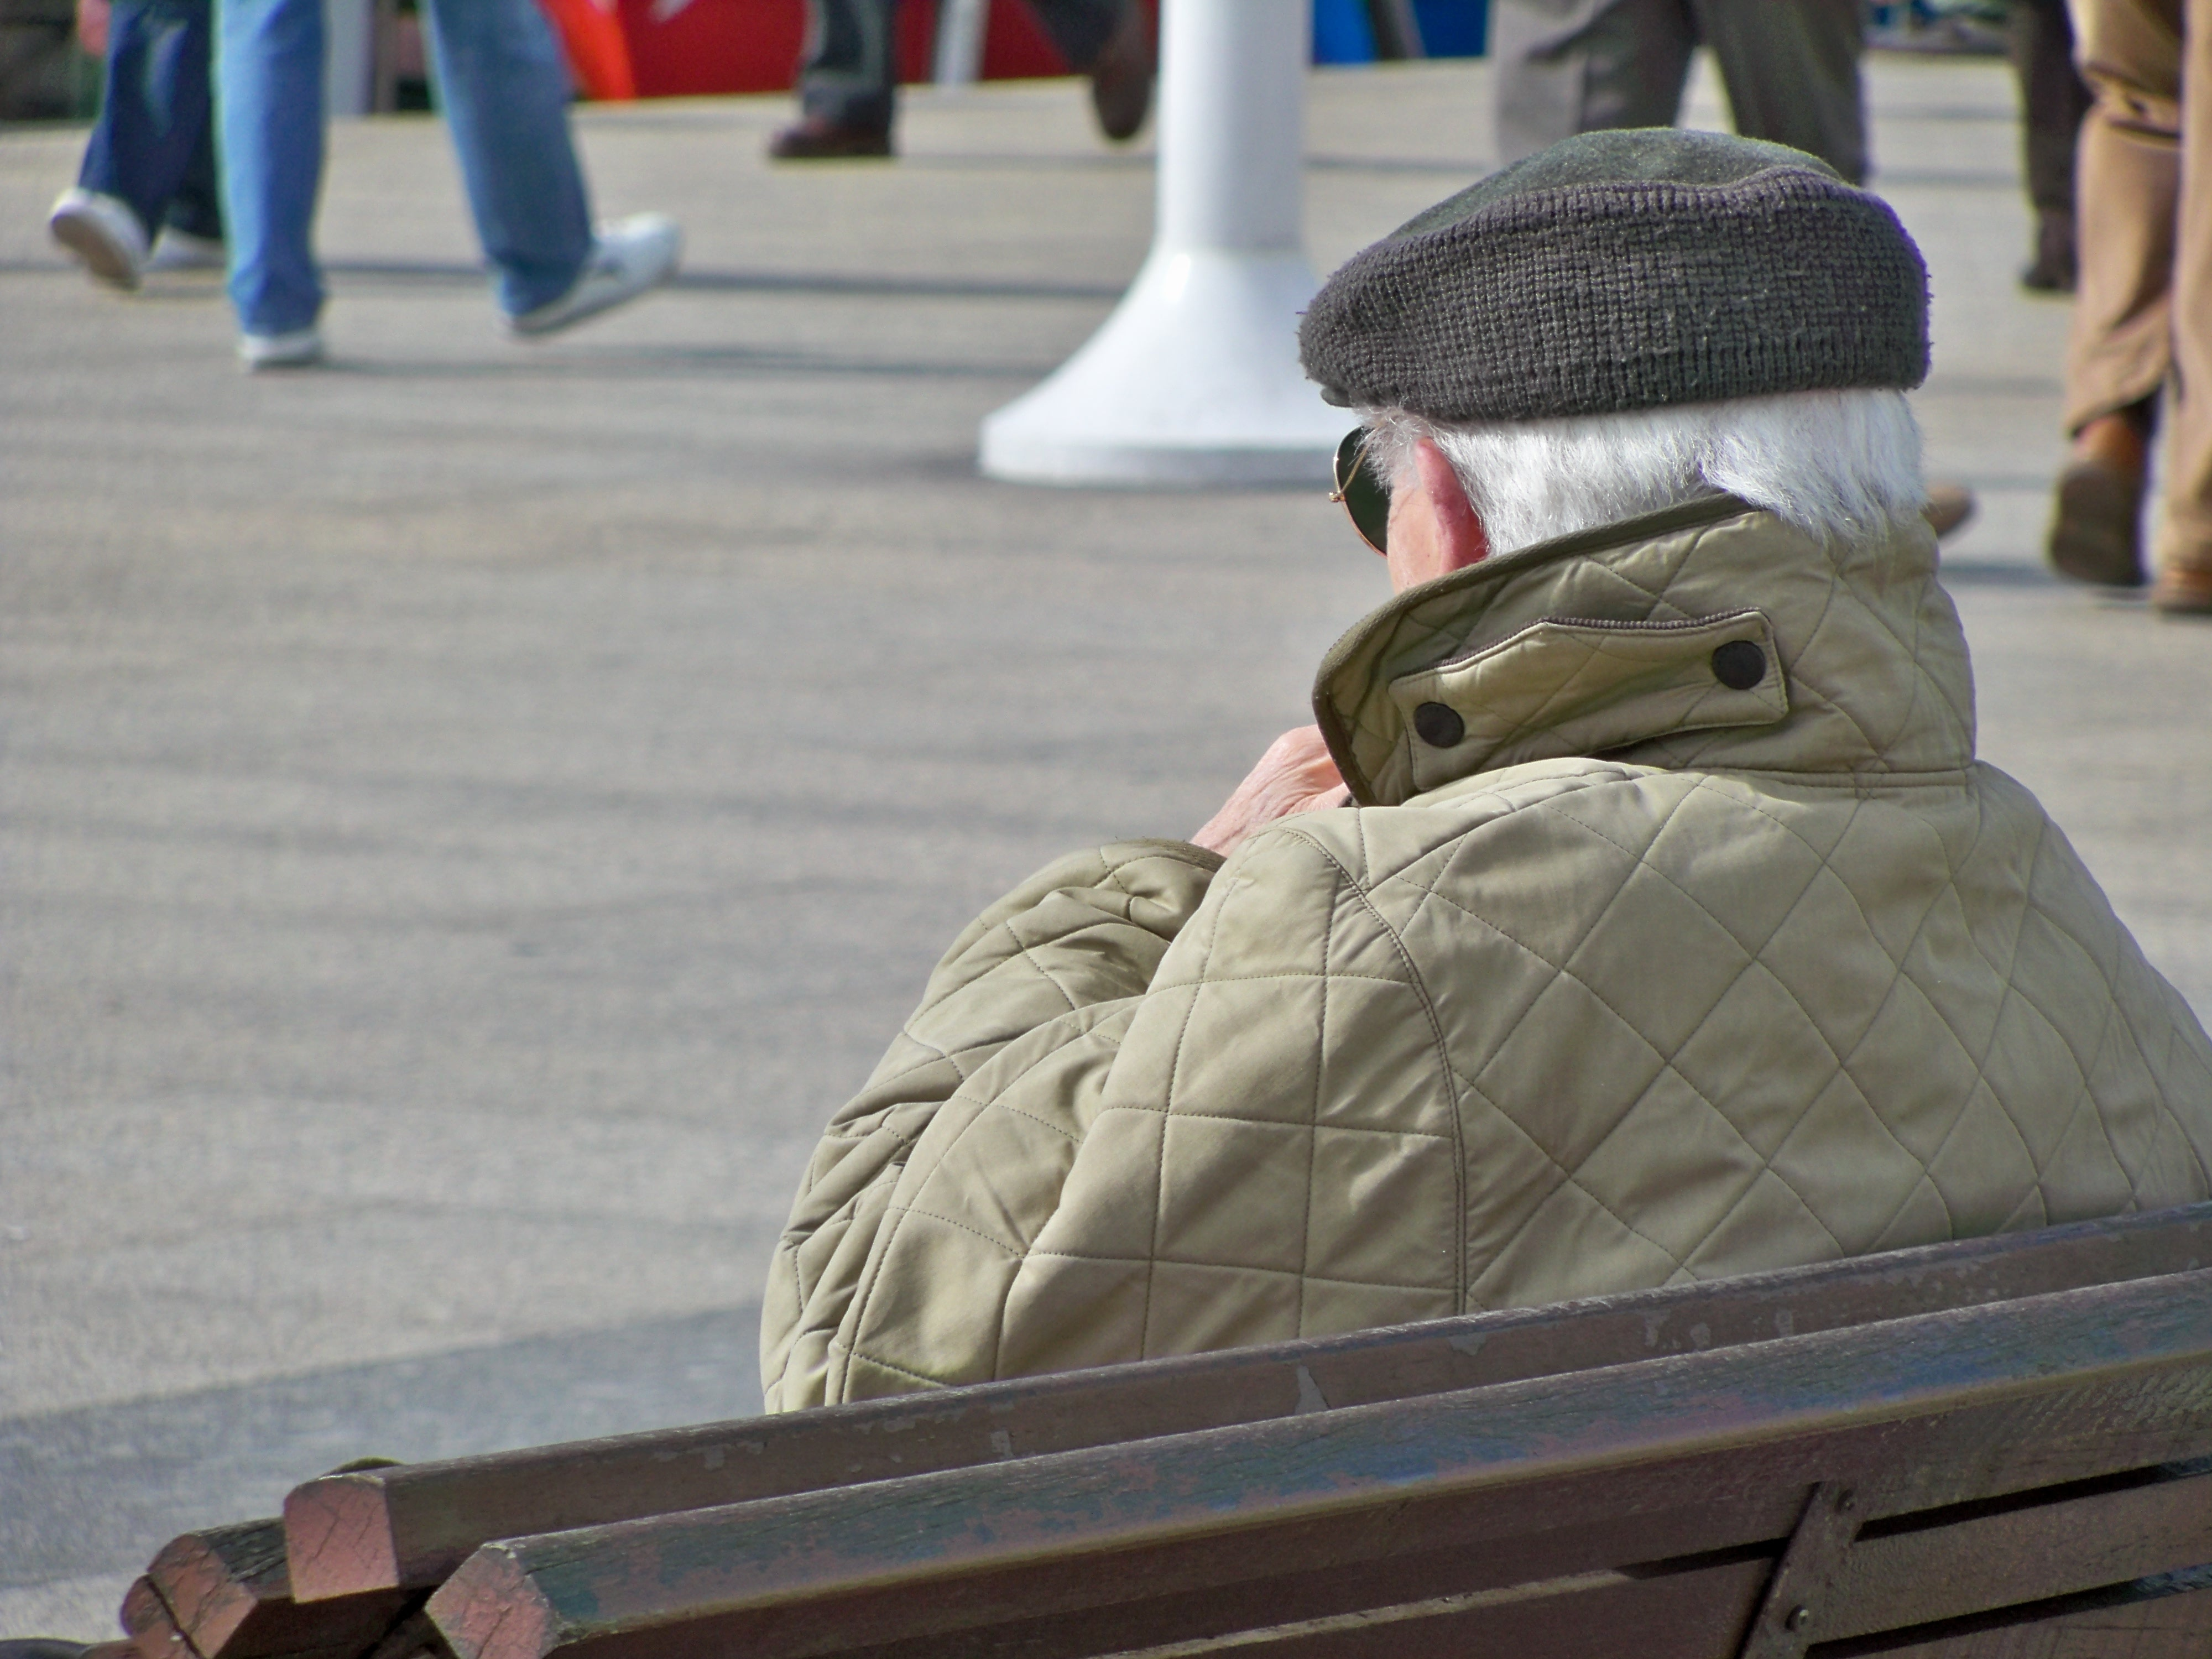 La pensión media se sitúa en 727,18 euros en diciembre en Extremadura, por debajo de la media nacional